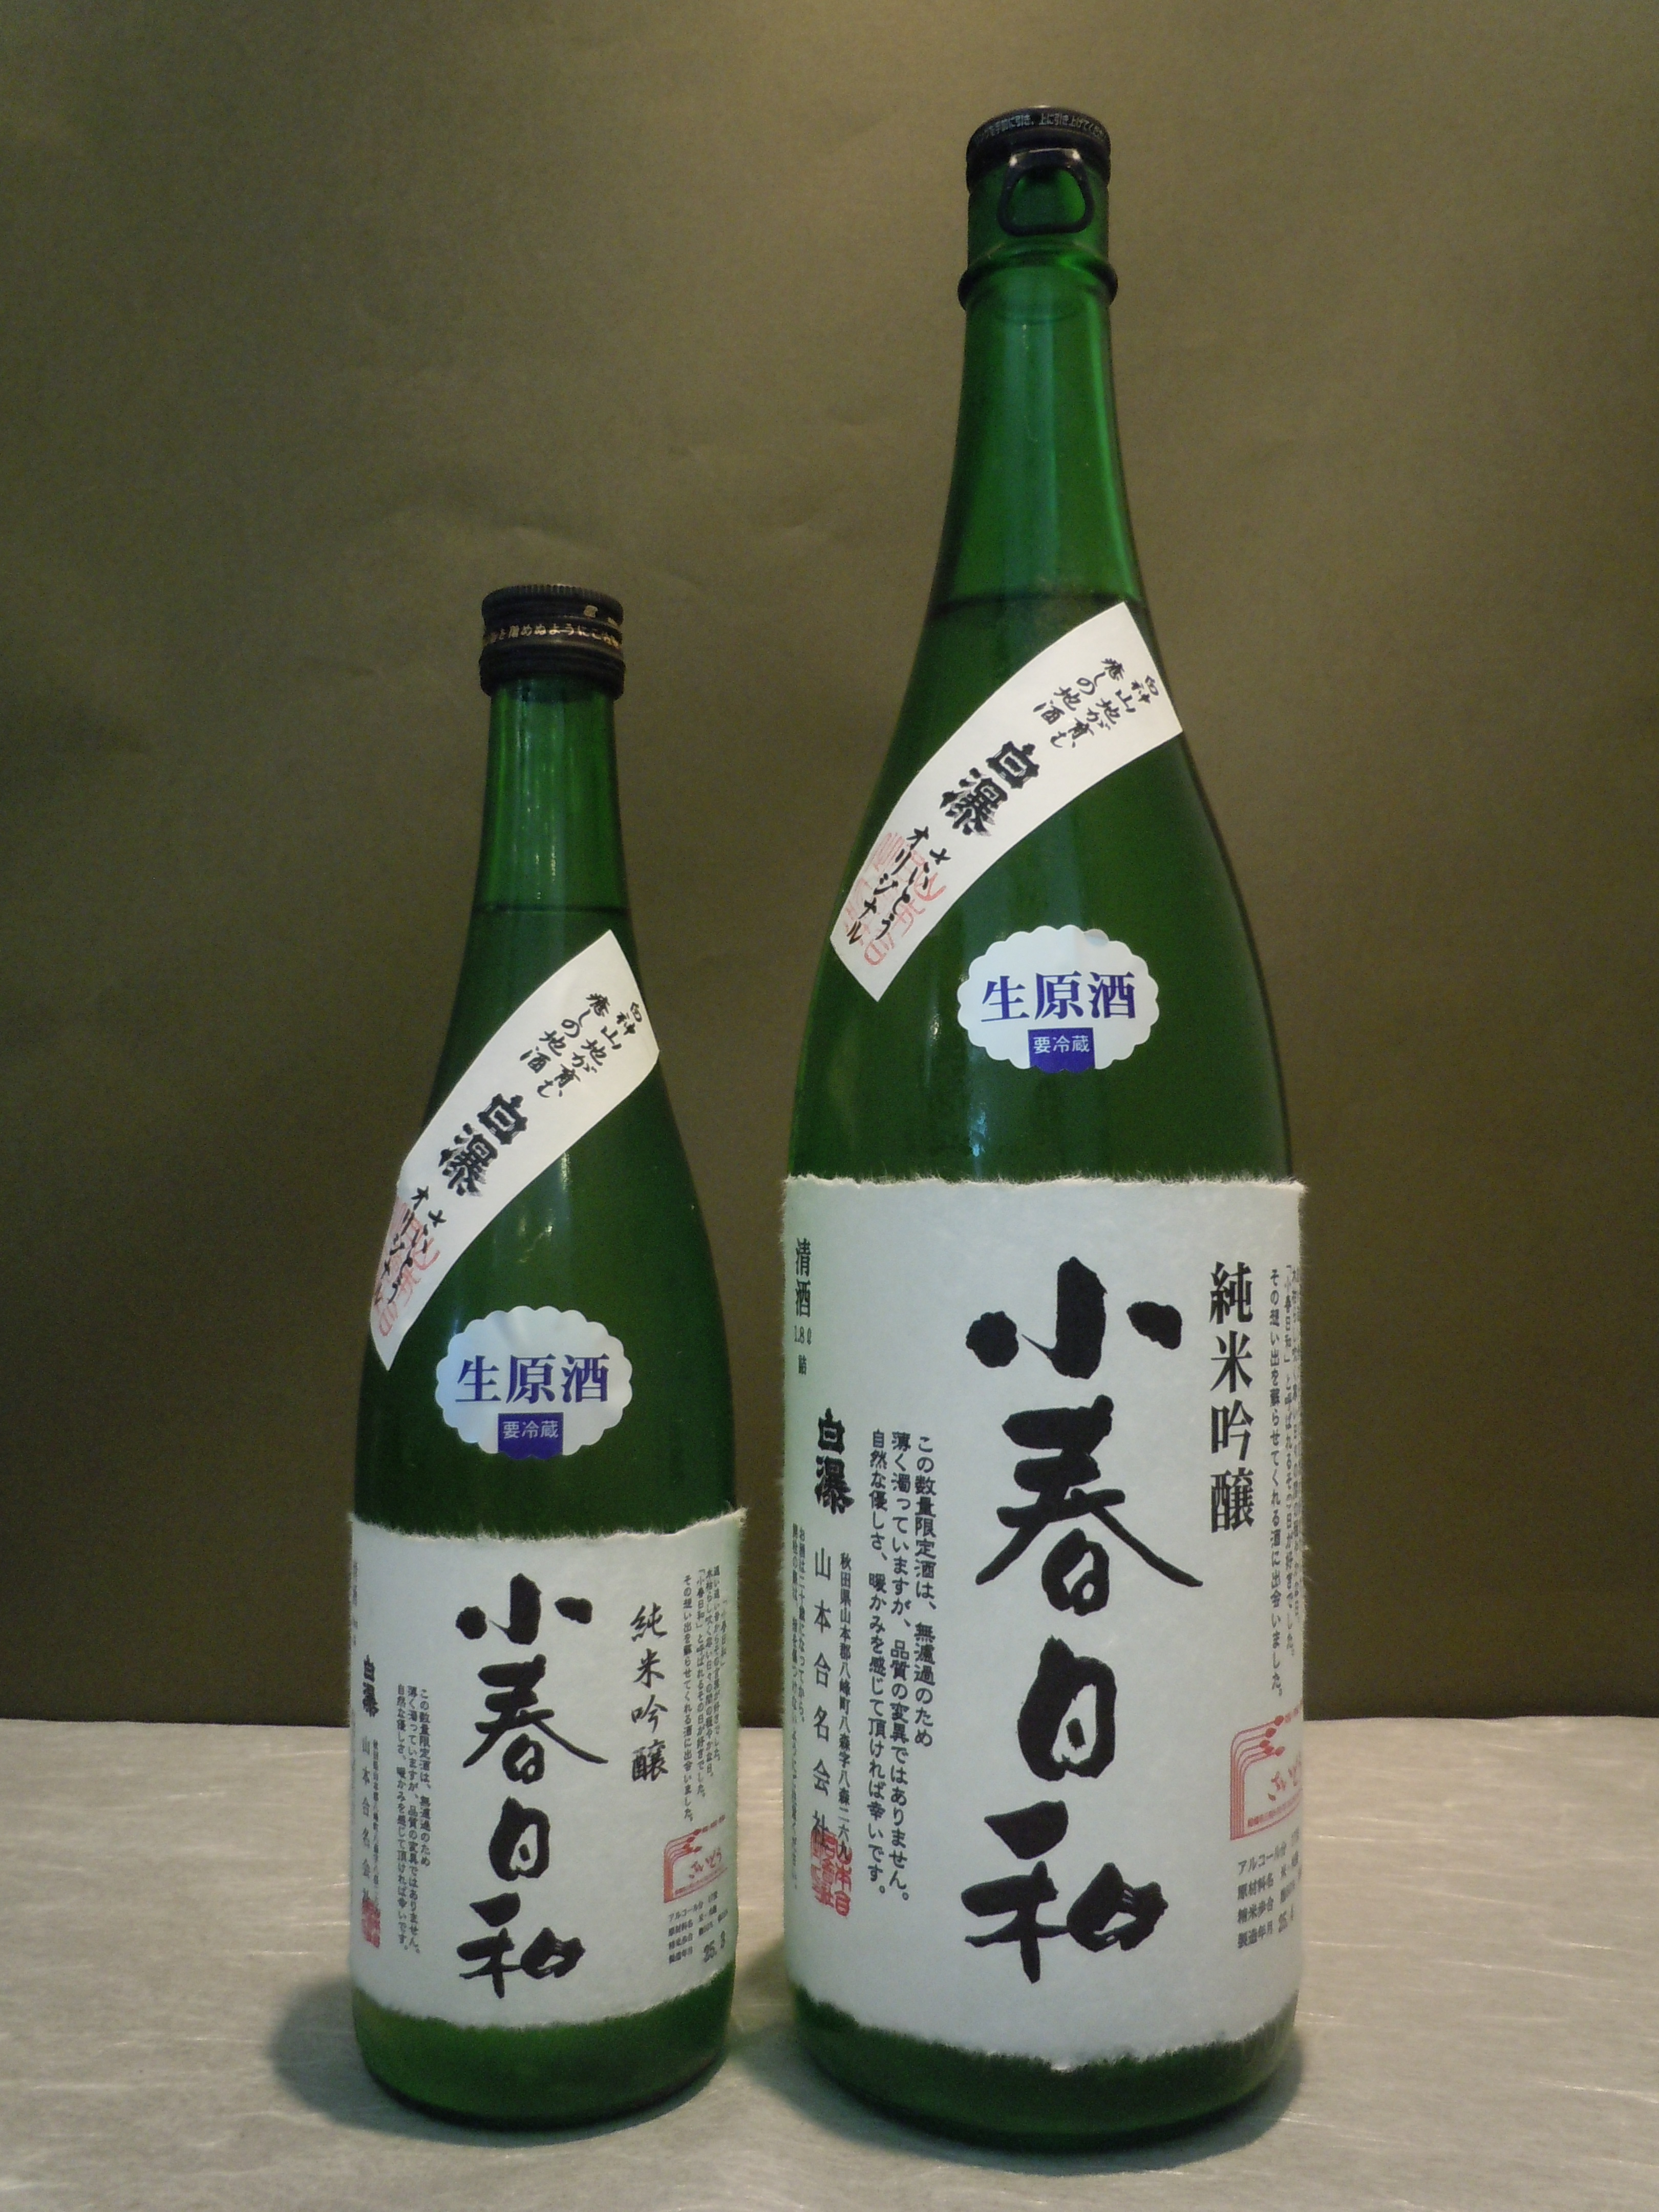 小春日和 純米吟醸 生原酒 720ml 1.8ℓ